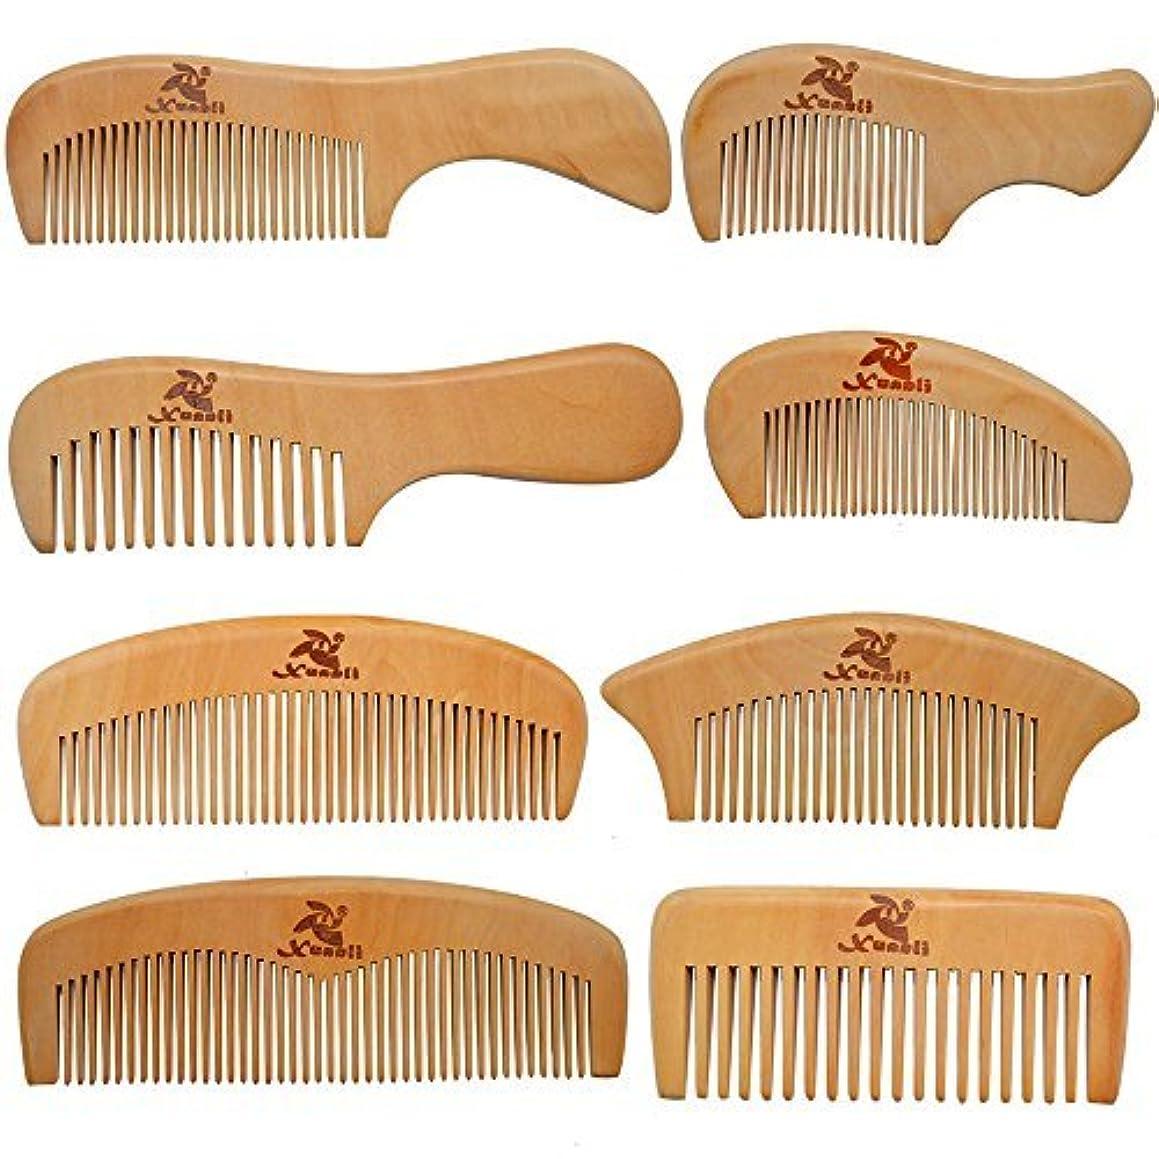 それらペダル過度のXuanli 8 Pcs The Family Of Hair Comb set - Wood with Anti-Static & No Snag Handmade Brush for Beard, Head Hair, Mustache With Gift Box (S021) [並行輸入品]